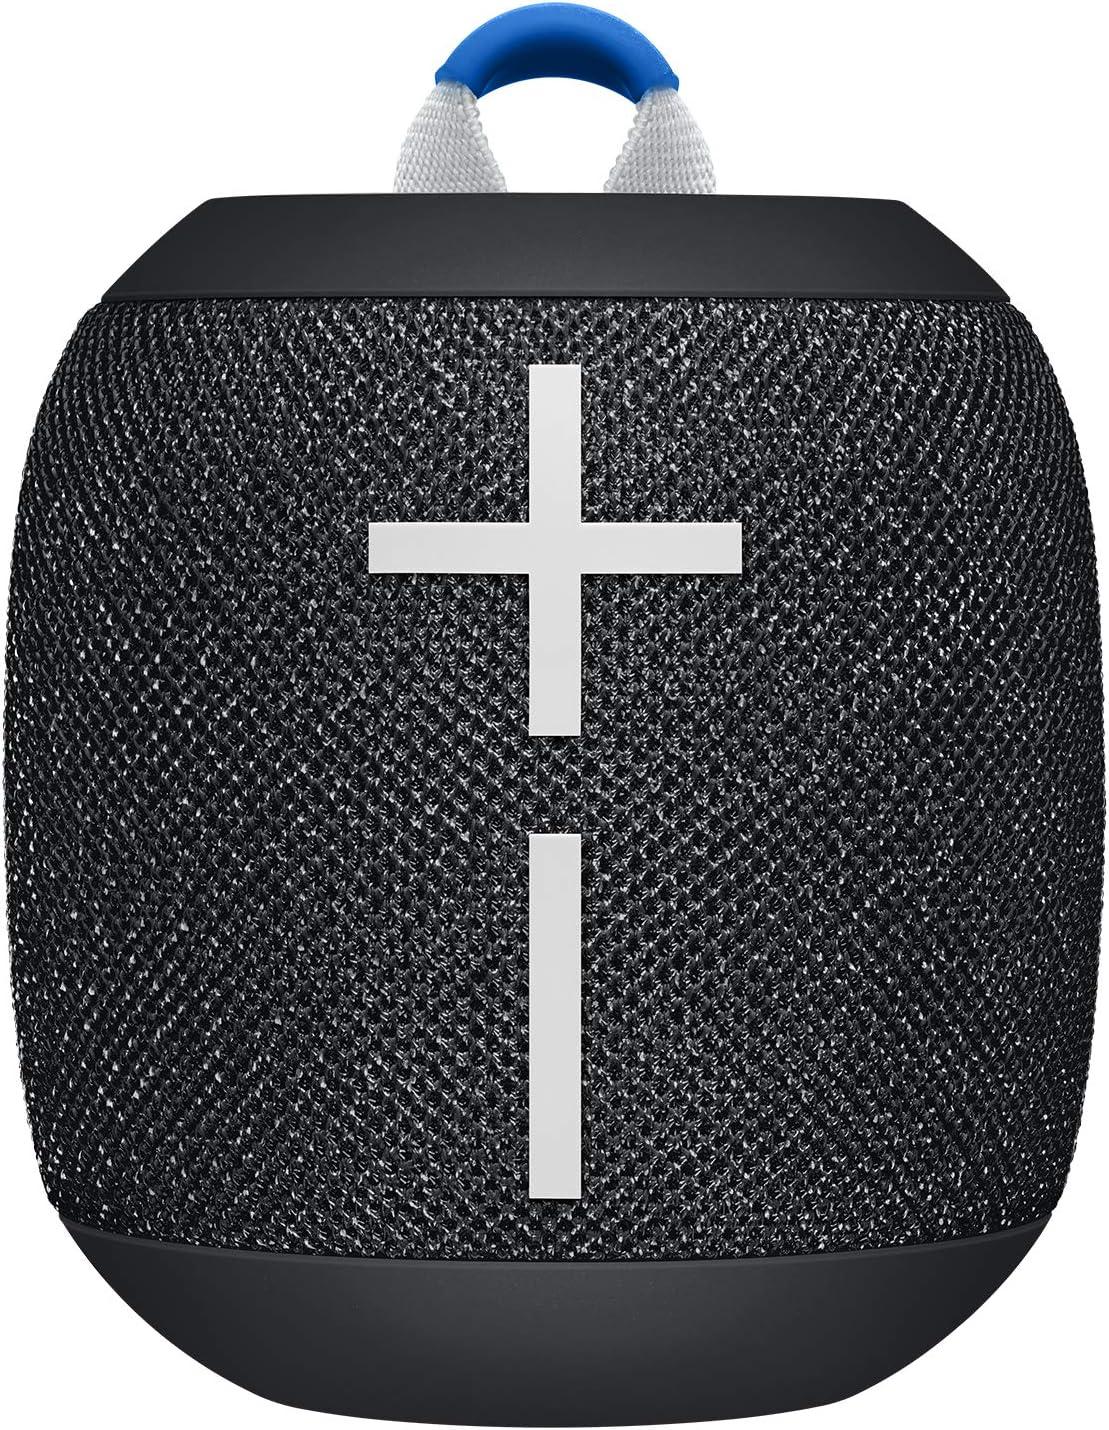 Ultimate Ears Wonderbooms 2 Altavoz Inalámbrico, Graves Profundos, Sonido Envolvente de 360°, Impermeable, Conexión de 2 Altavoces para Sonido Potente, Batería de 13 h, color Negro